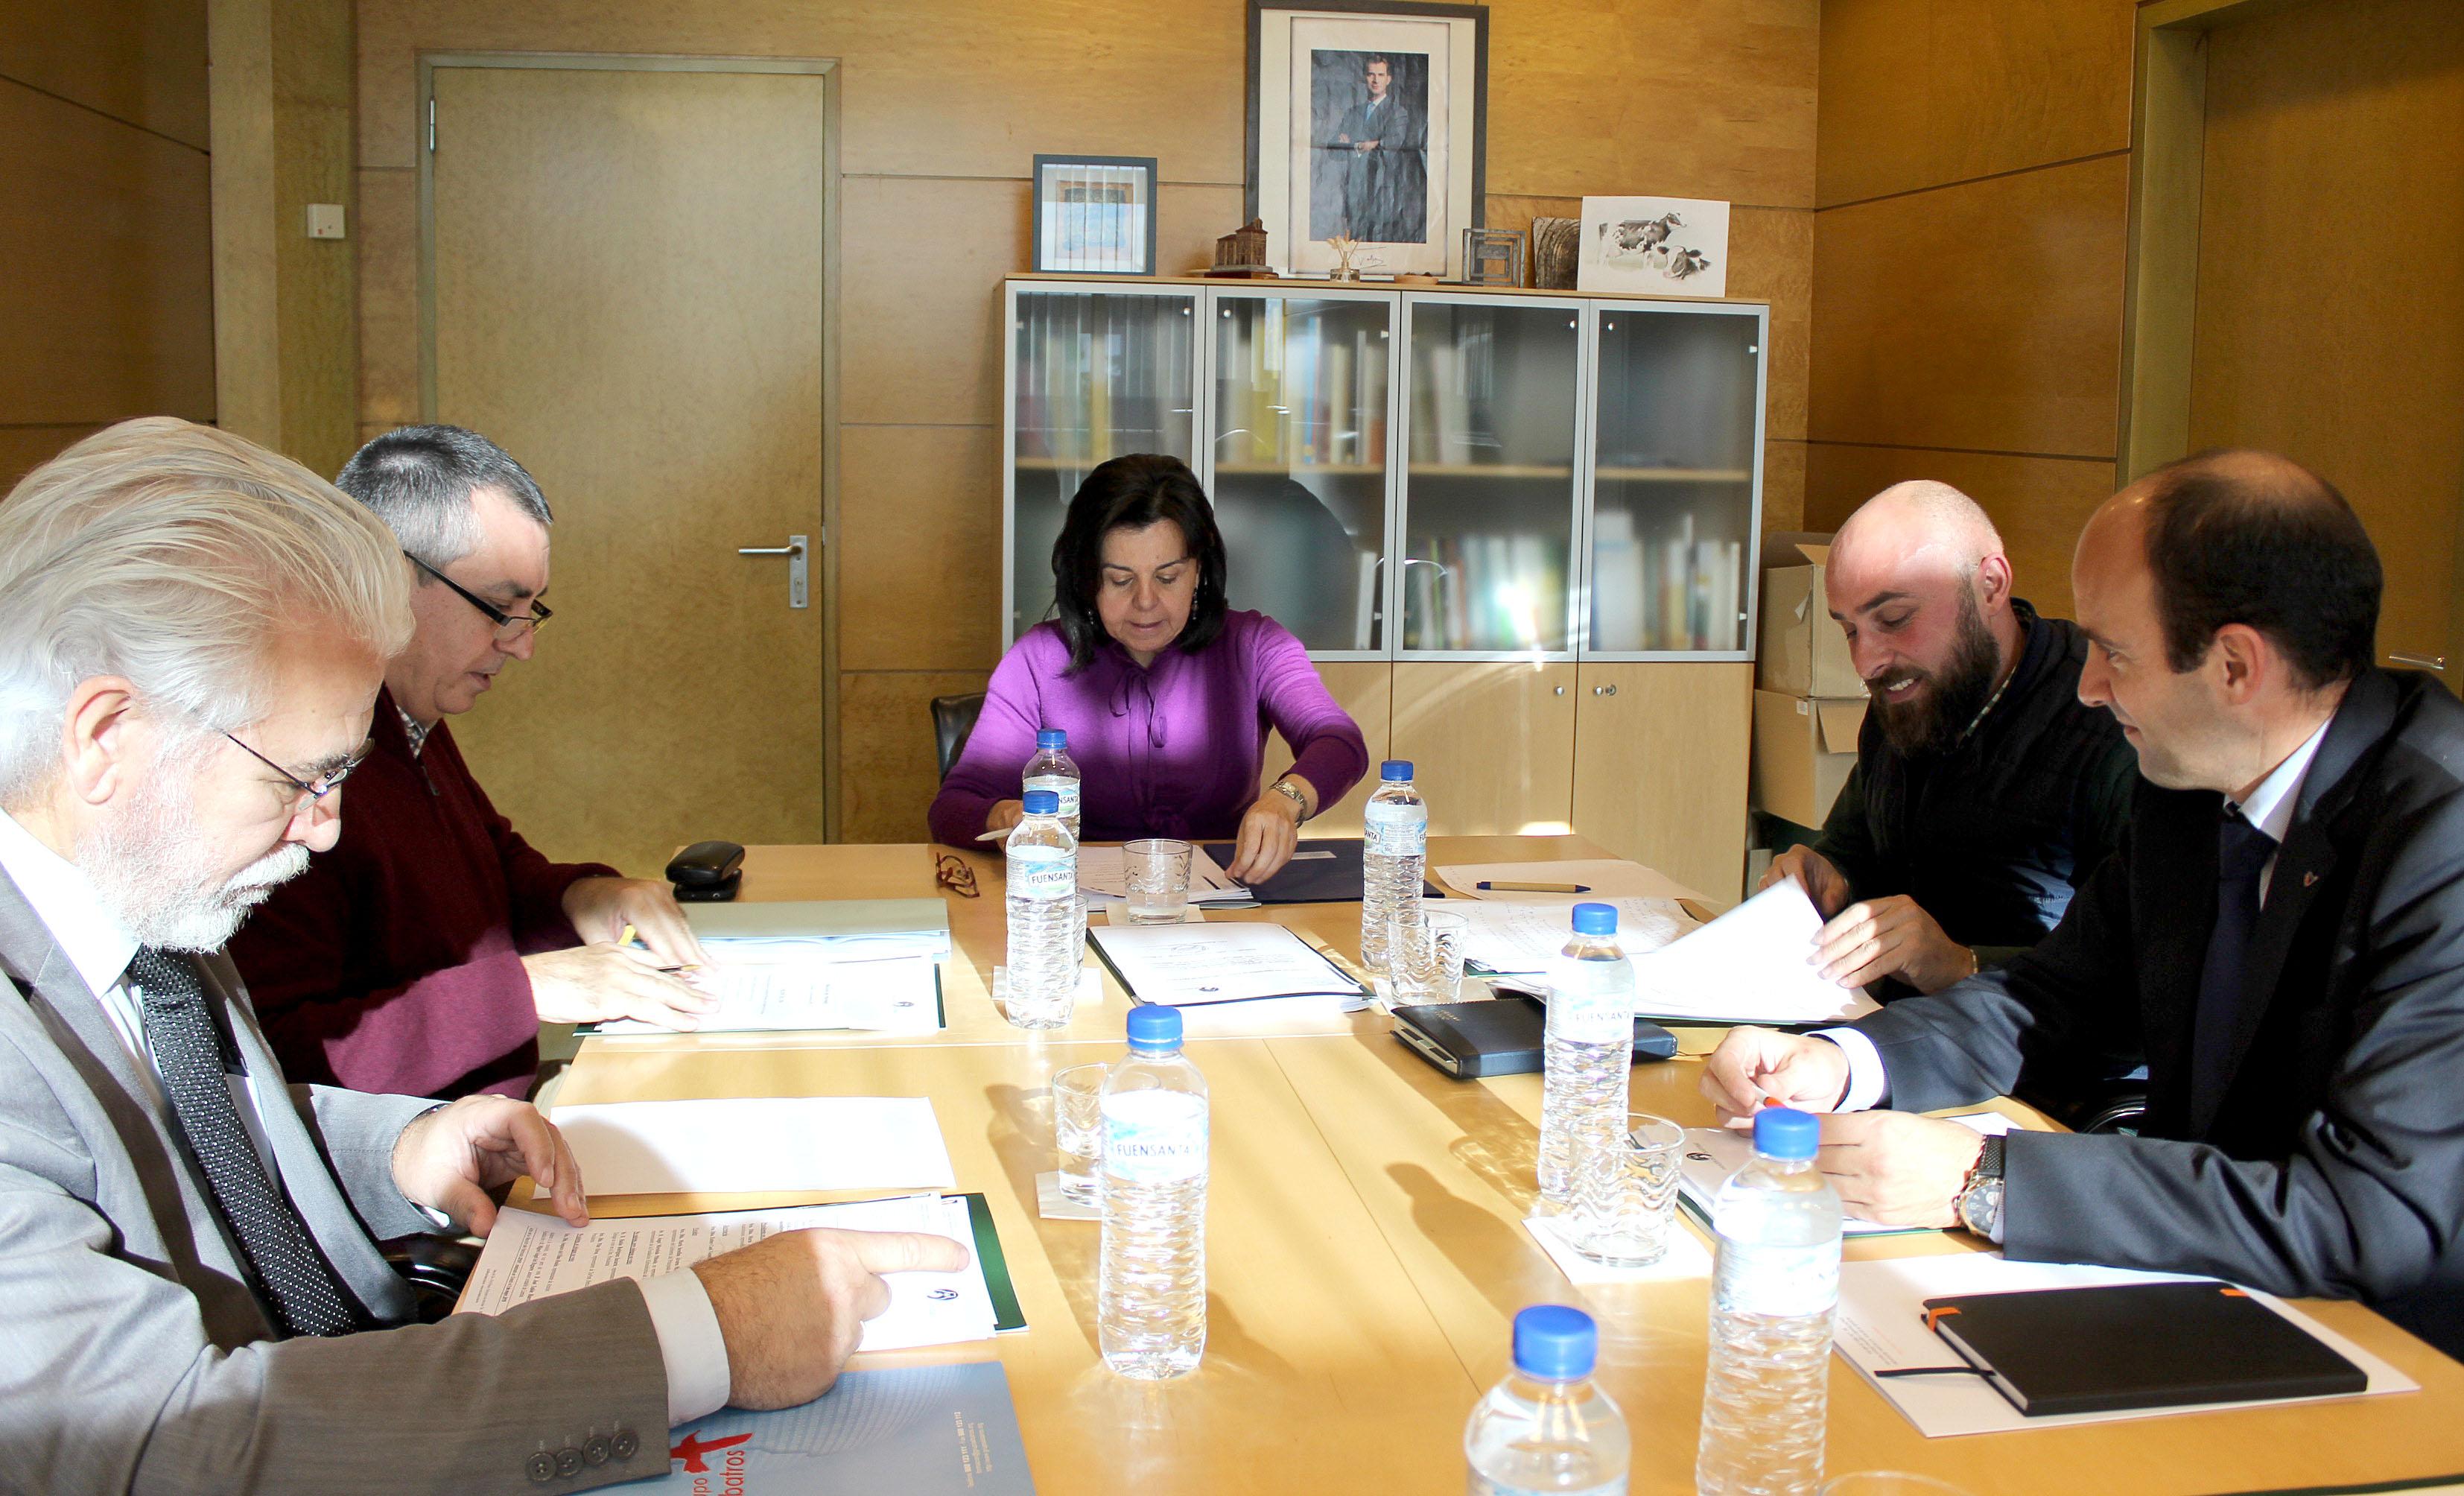 La Fundación Oso Asturias ampliará sus actividades educativas a otros territorios oseros